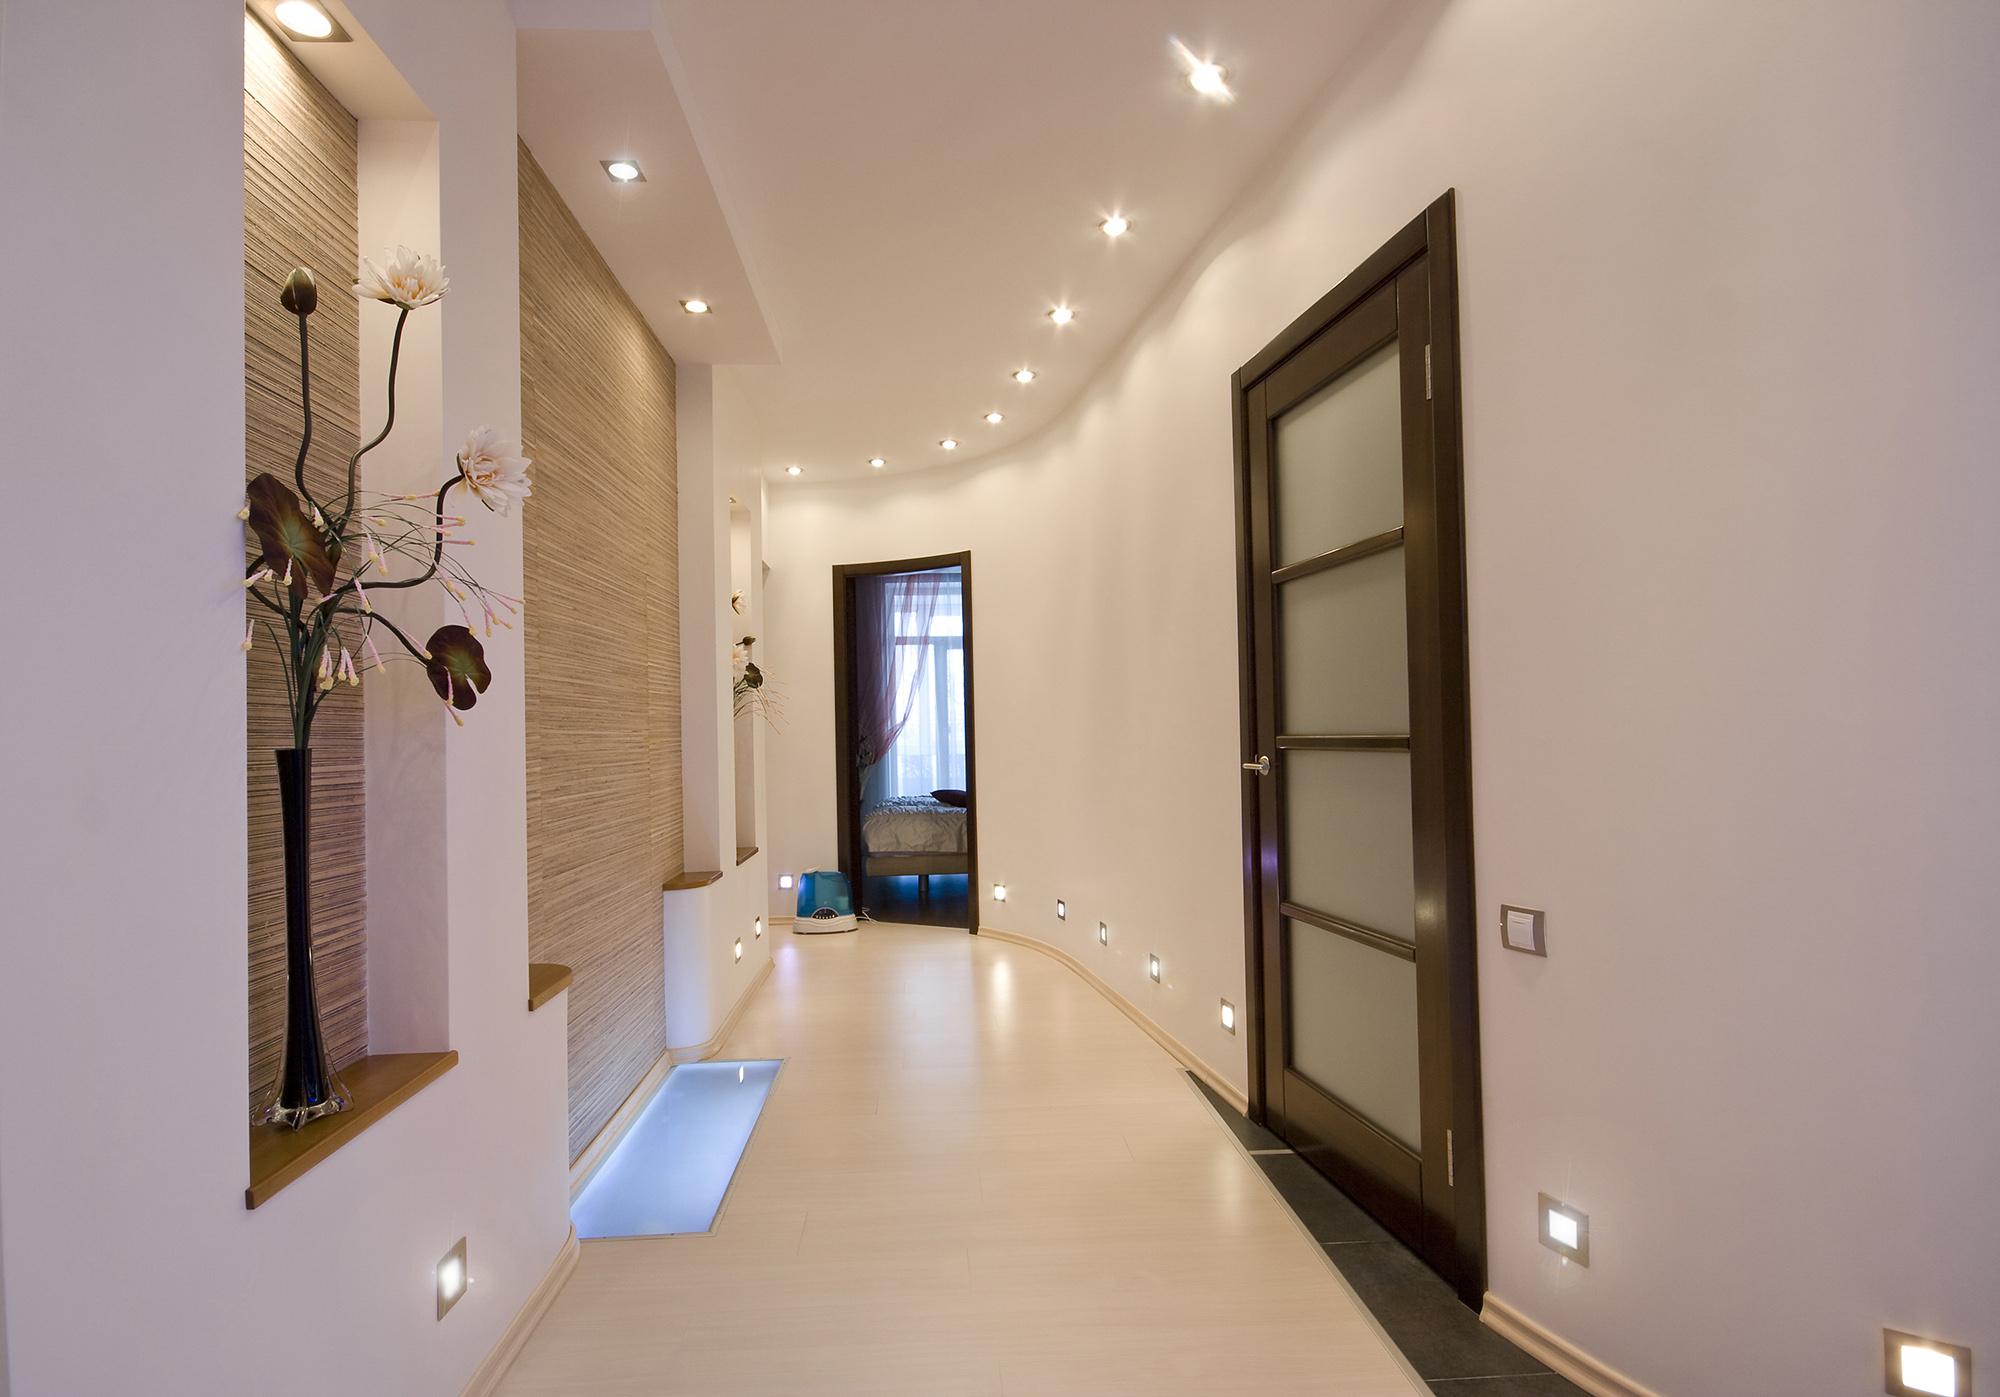 Бежево-белый коридор с точечным освещением